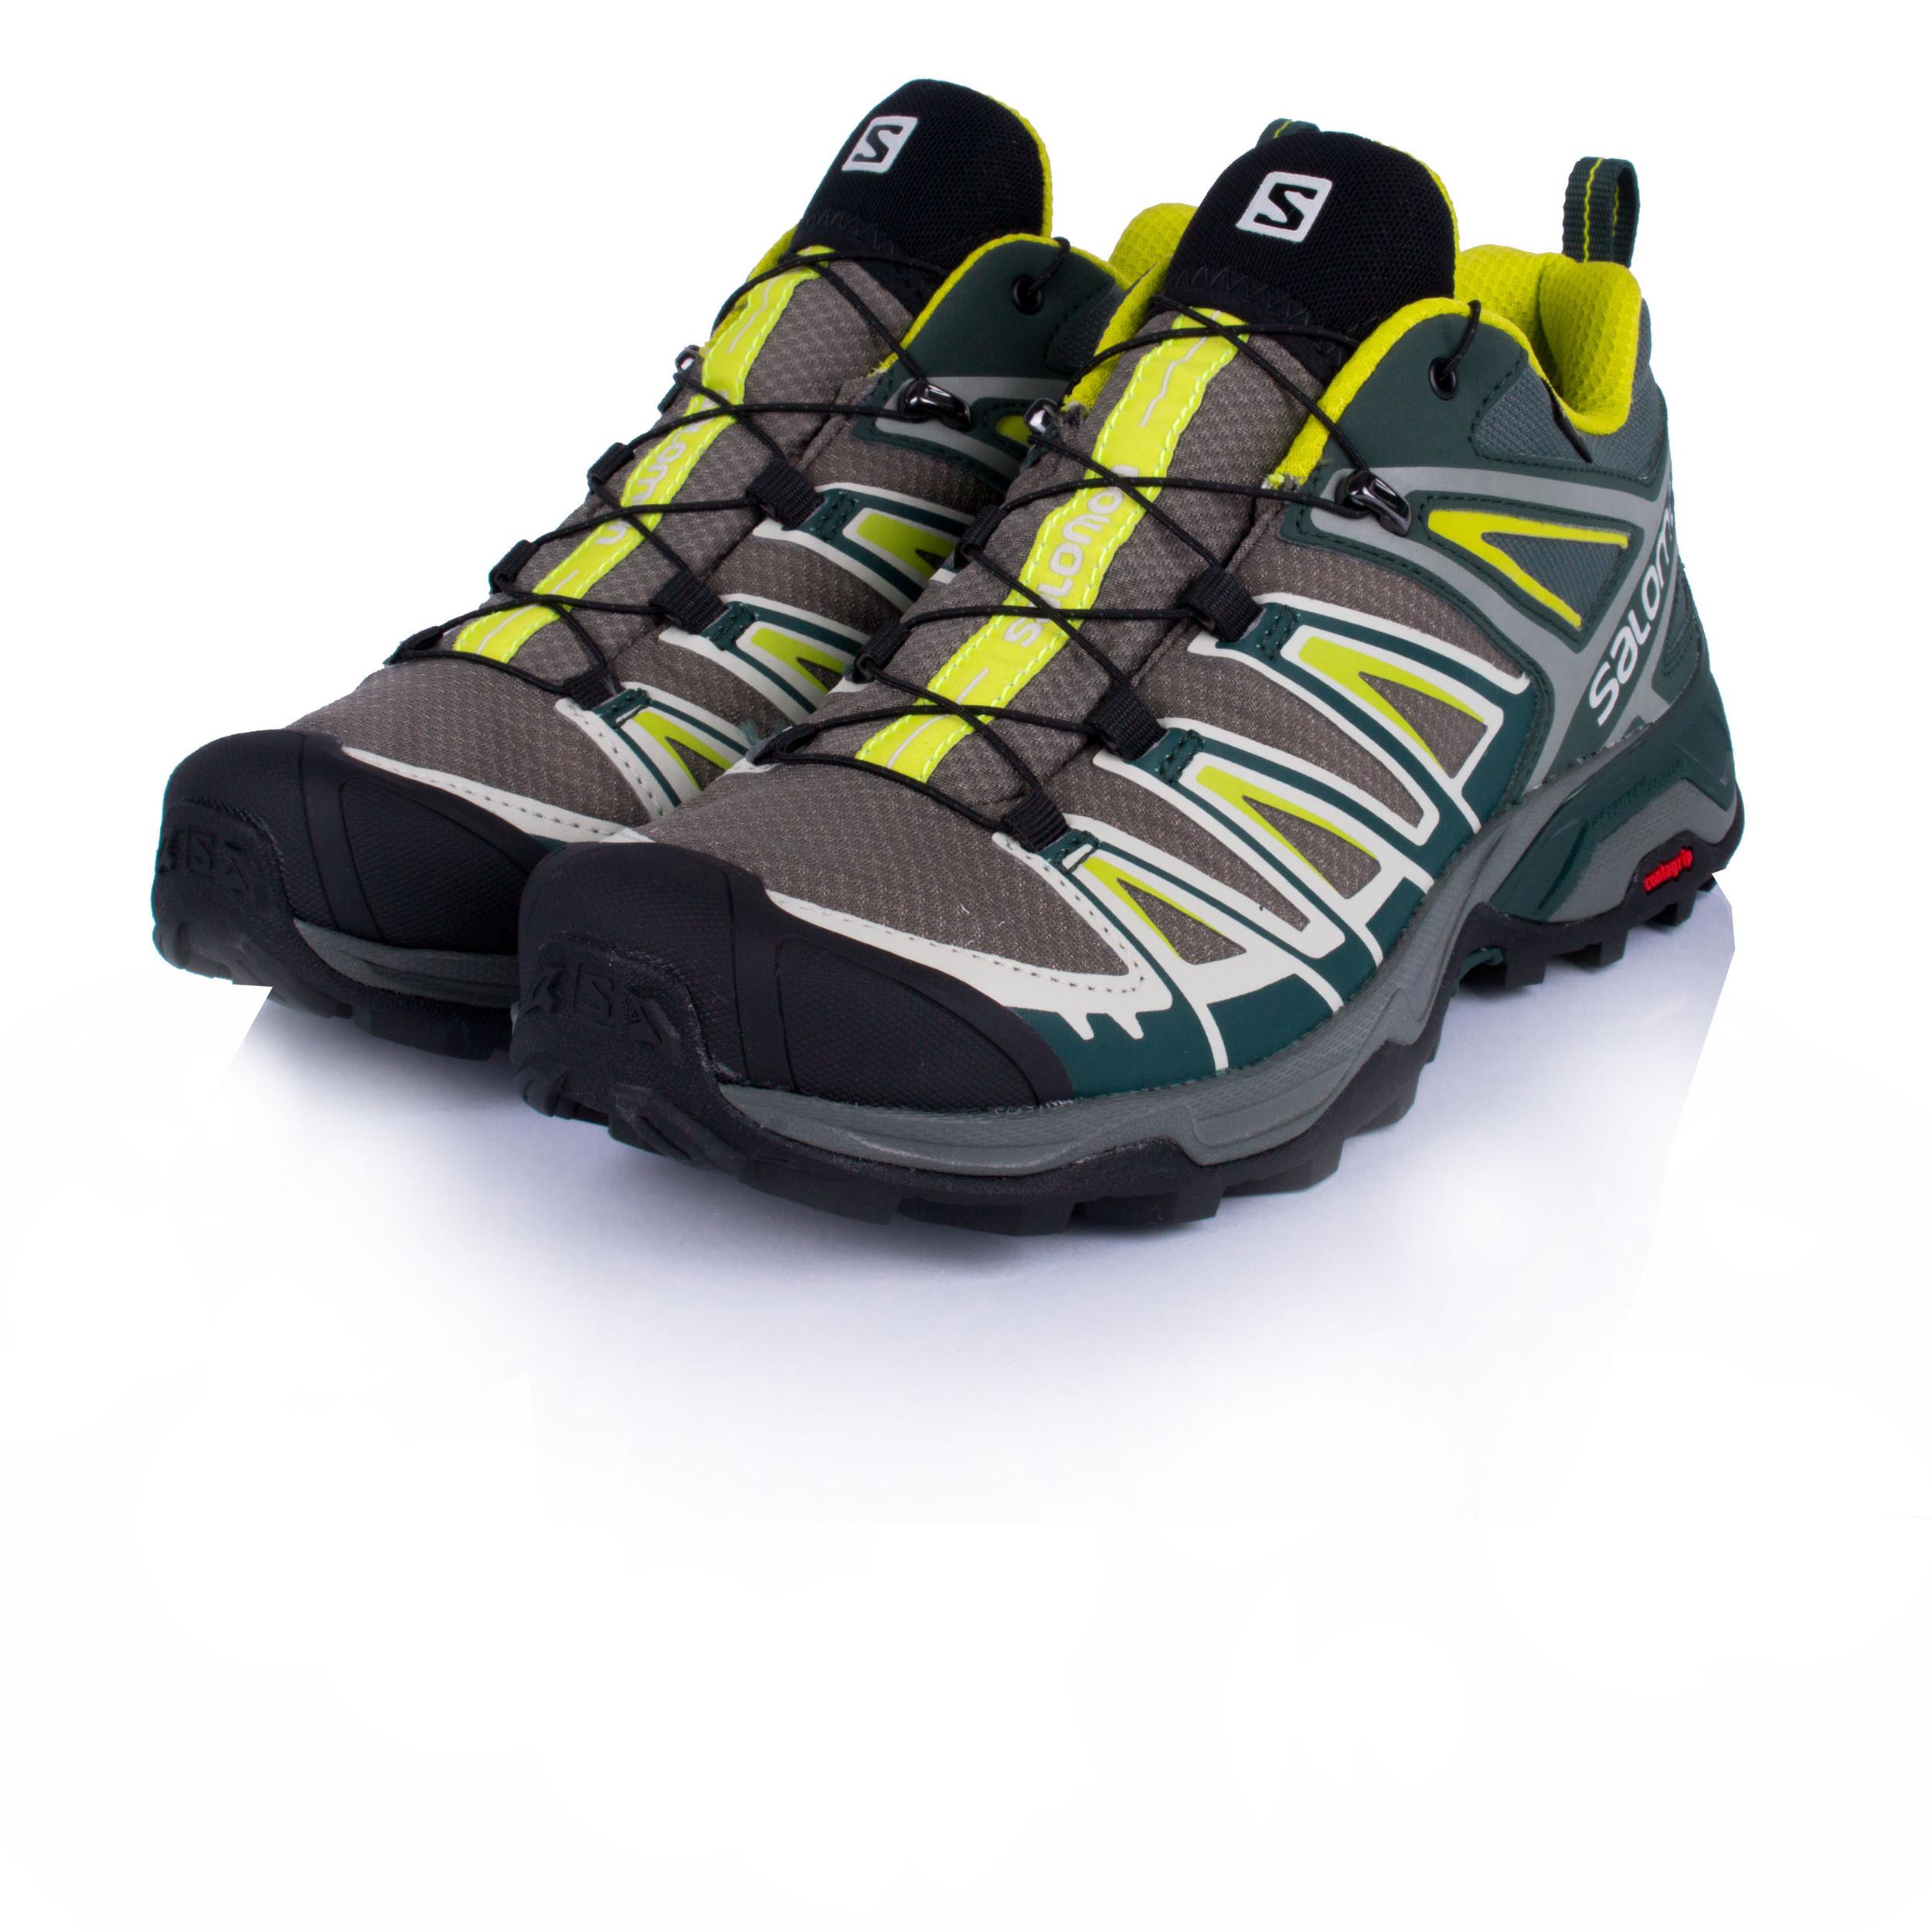 Salomon Uomo X Ultra 3 Scarpe da Trekking Gore-Tex Verde Giallo Sport 2f19a821f28